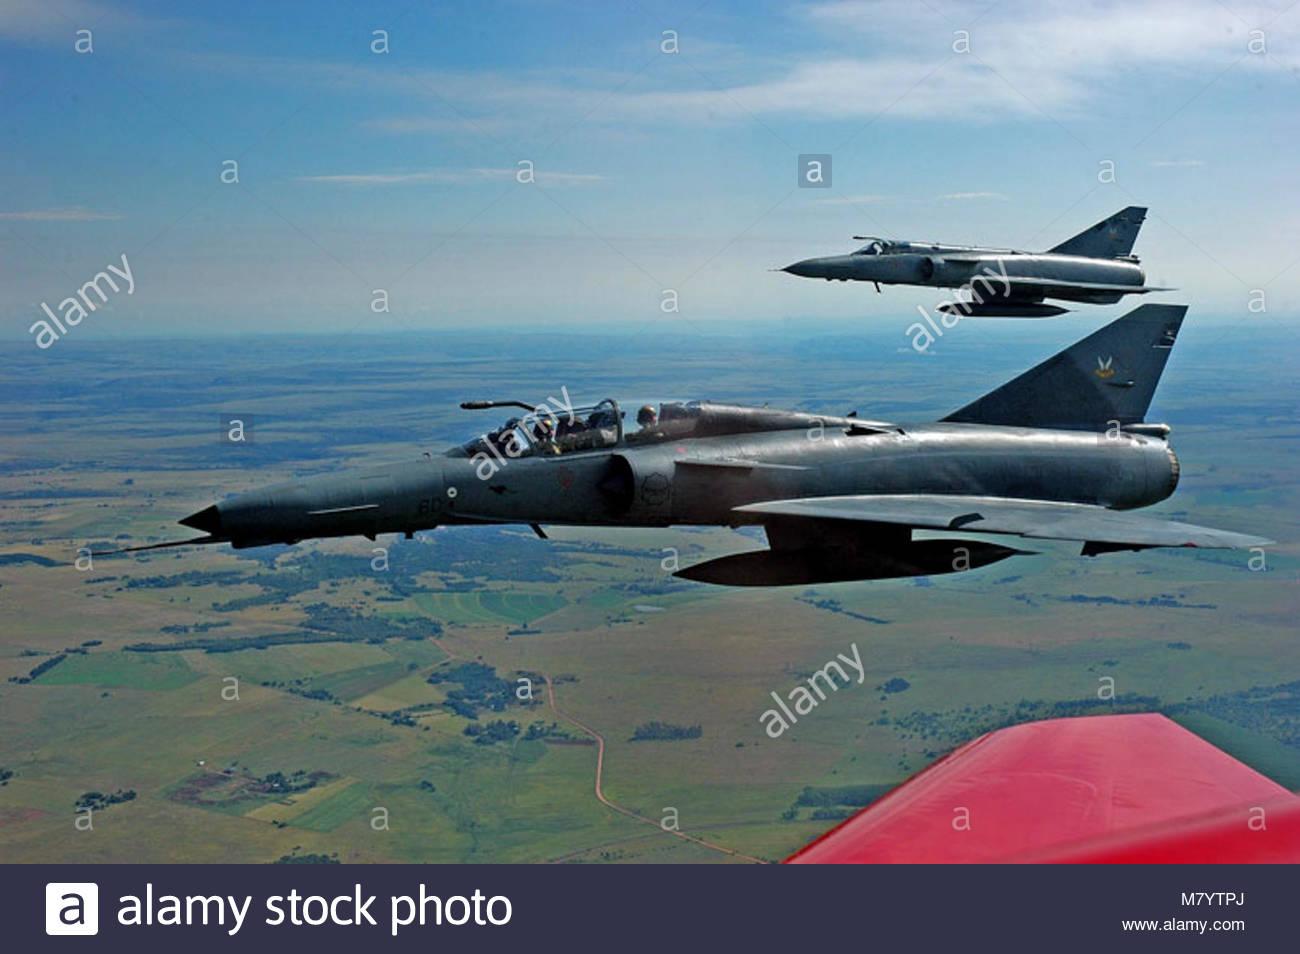 South African Air Force (SAAF) Cheetah D Cheetah C Kampfjets